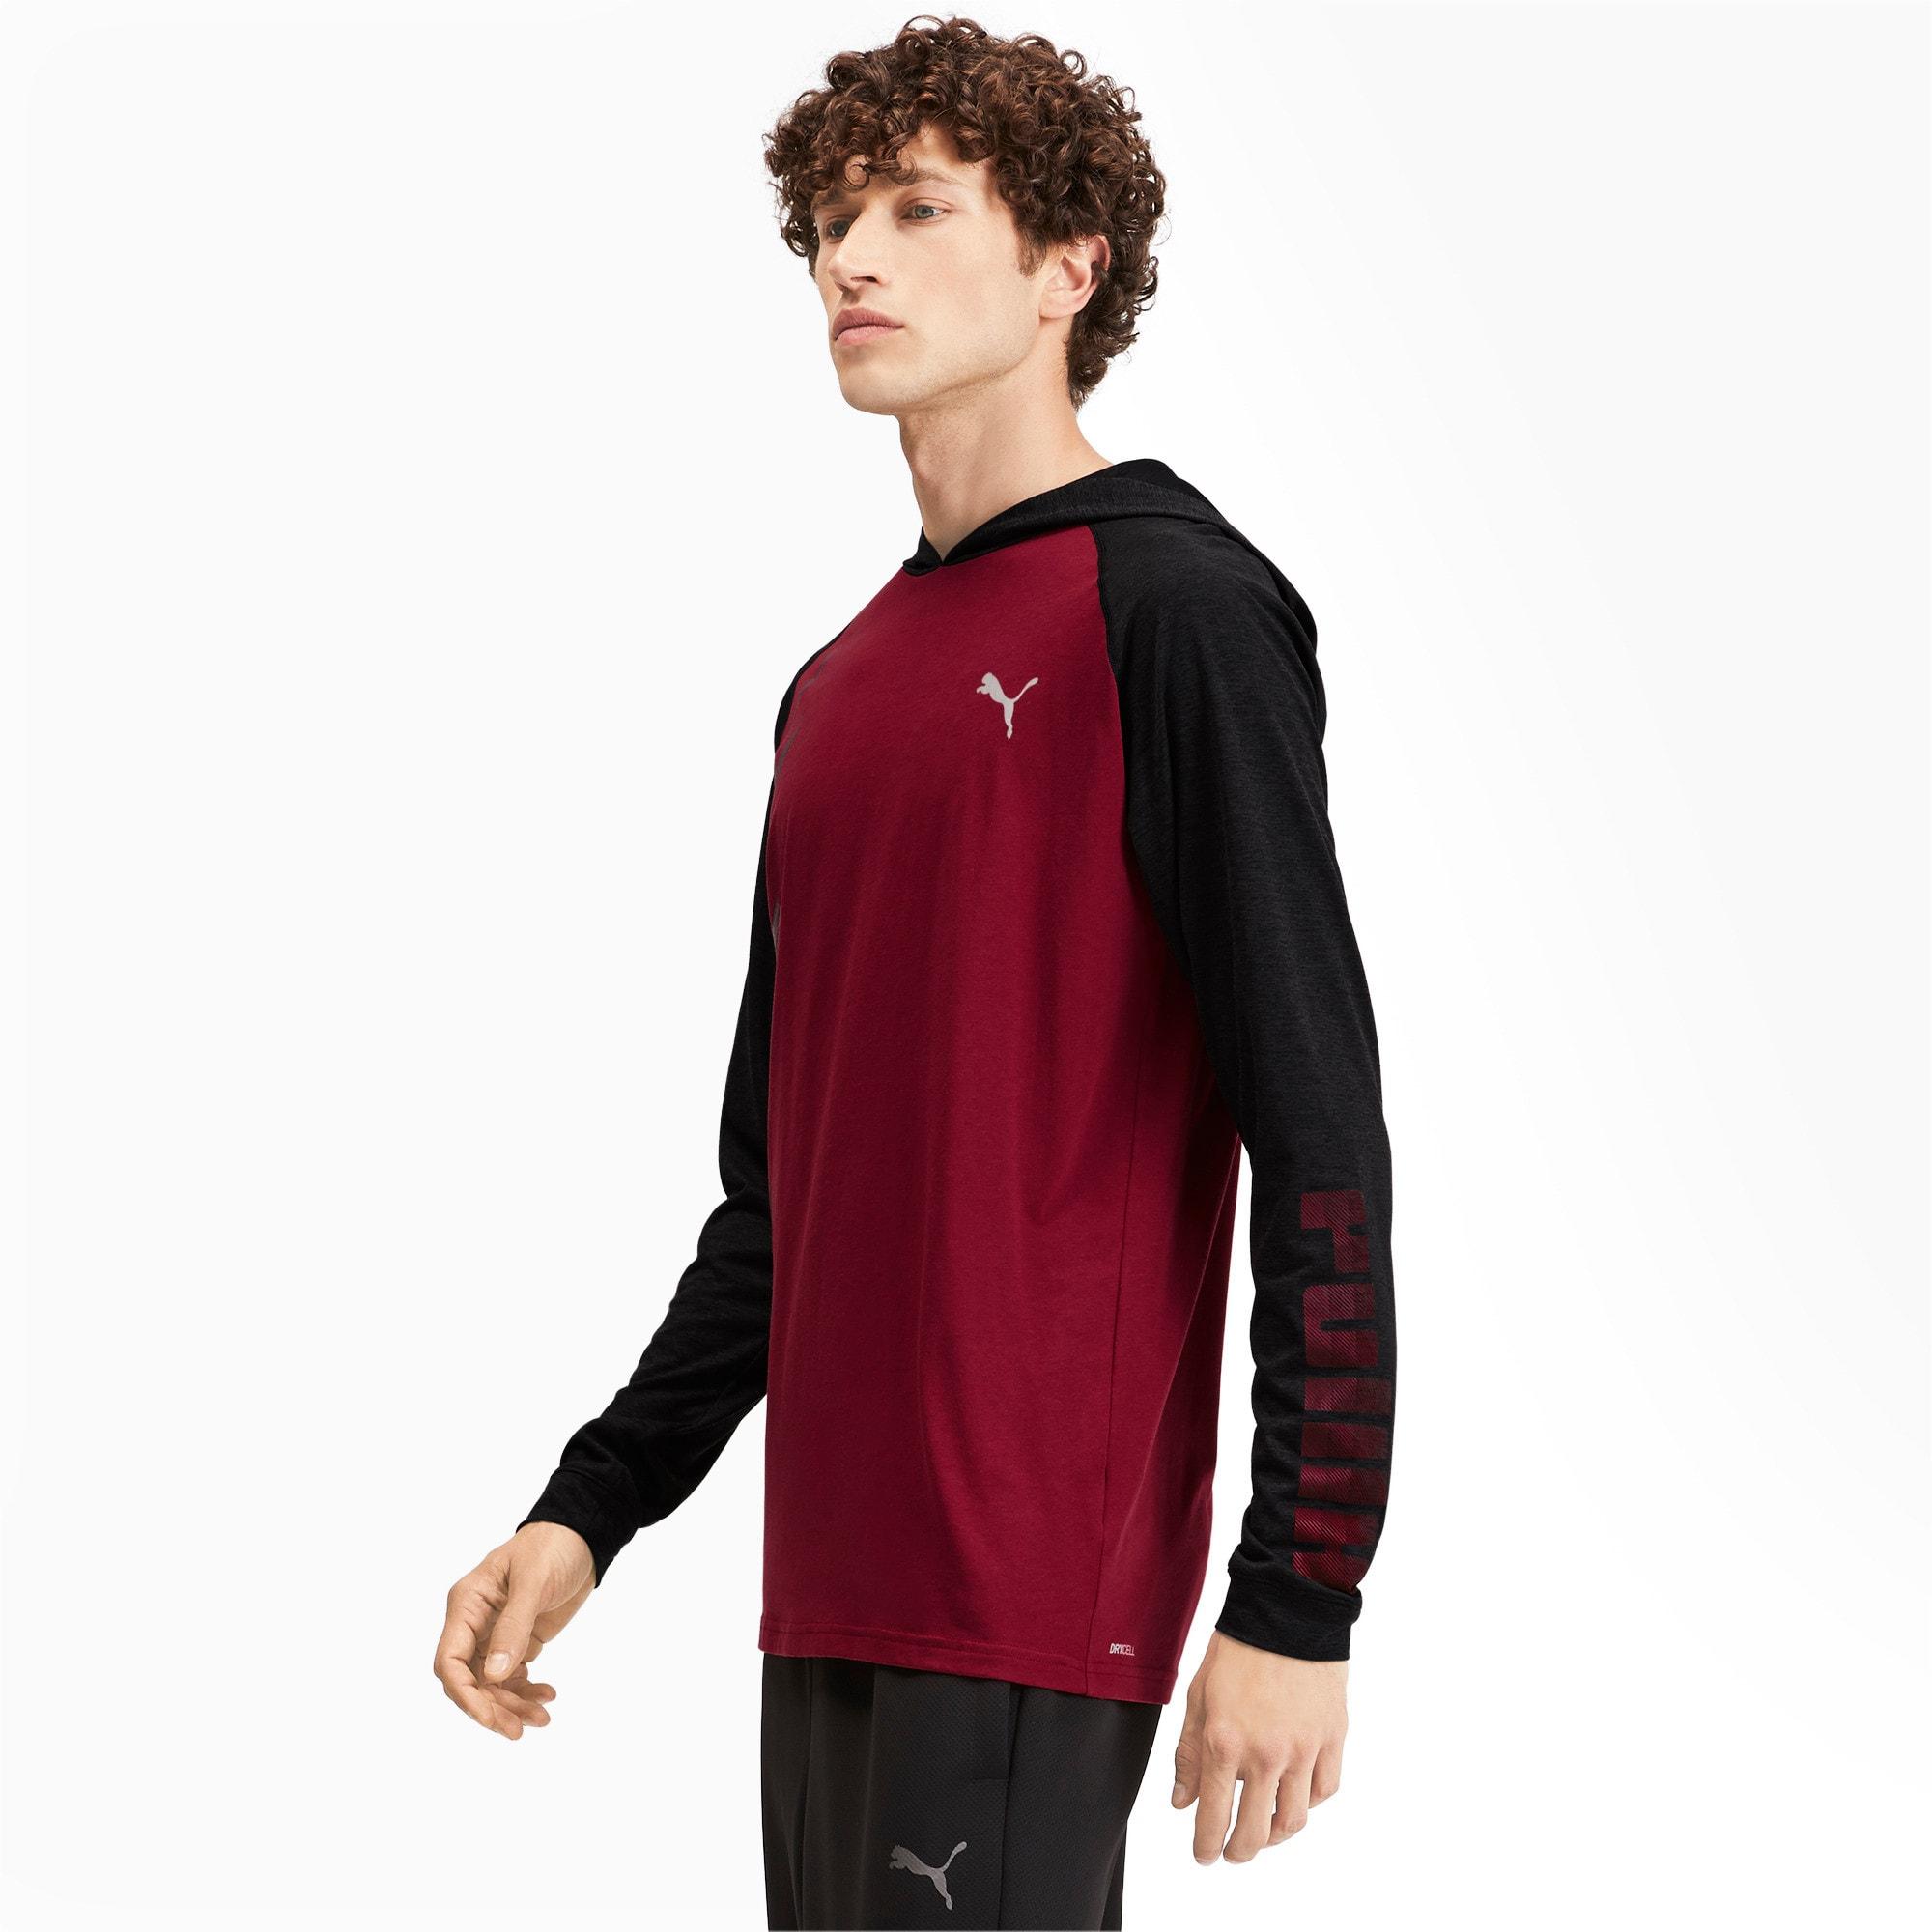 Miniatura 2 de Camiseta Collective con capucha y mangas largas para hombre, Rhubarb-Puma Black Heather, mediano